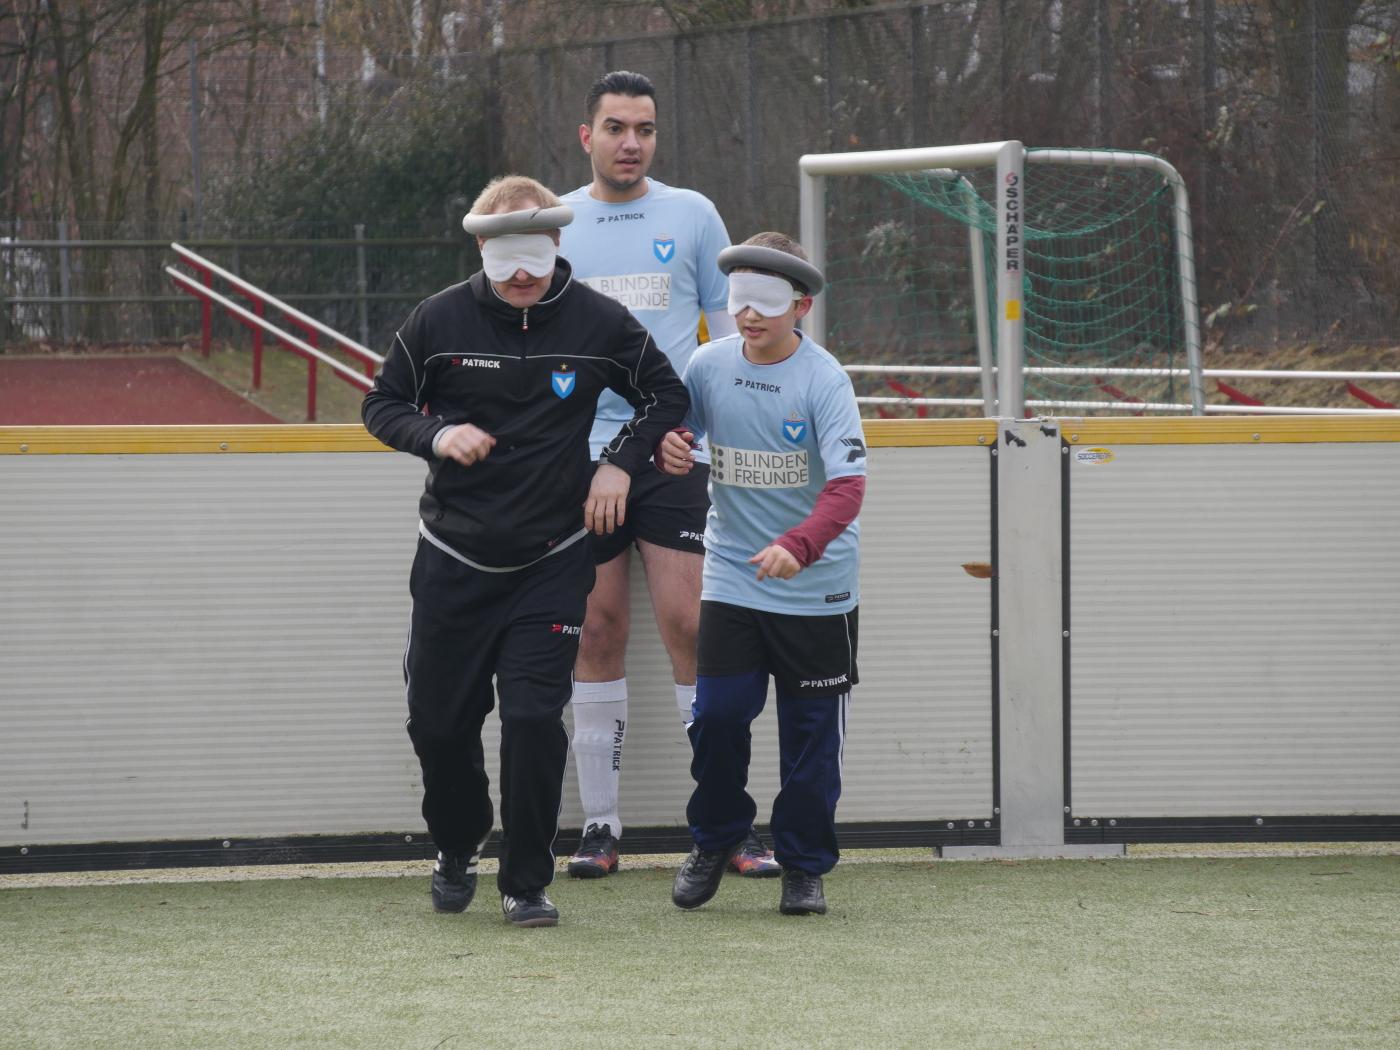 Unser Trainer Oliver Heise und das Nachwuchstalent Nico Rother bei einer Aufwärmübung vor Spielbeginn. Sie laufen gemeinsam von Bande zu Bande quer zum Spielfeld um sich mit den Platzabmessungen vertraut zu machen.